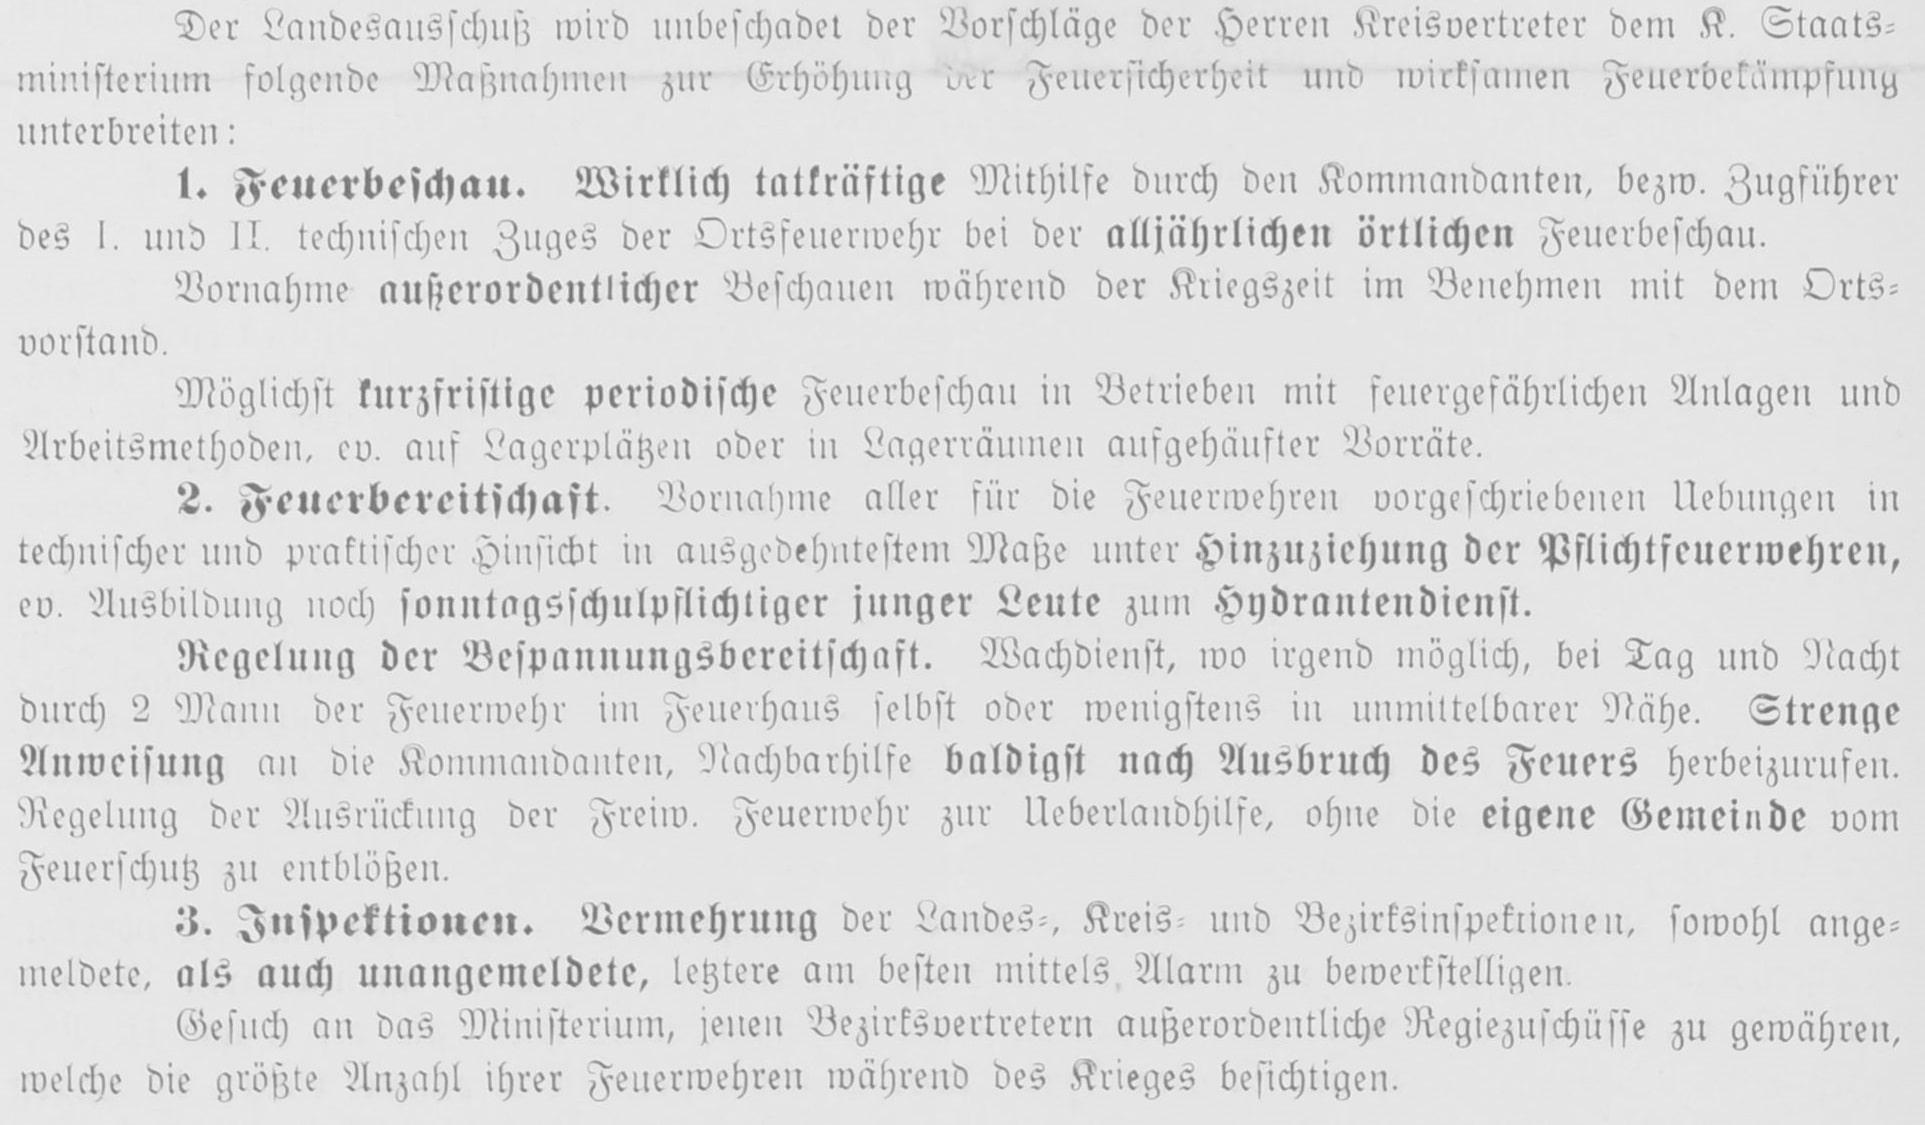 StadtABT-Feuerwehr-Nr.-144-Kriegsmaßnahmen-Mannschaft-und-Ausbildung-hier-Rund-schreiben-des-Bayerischen-Landes-Feuerwehr-Ausschusses-vom-24.-April-1915-Ausschnitt